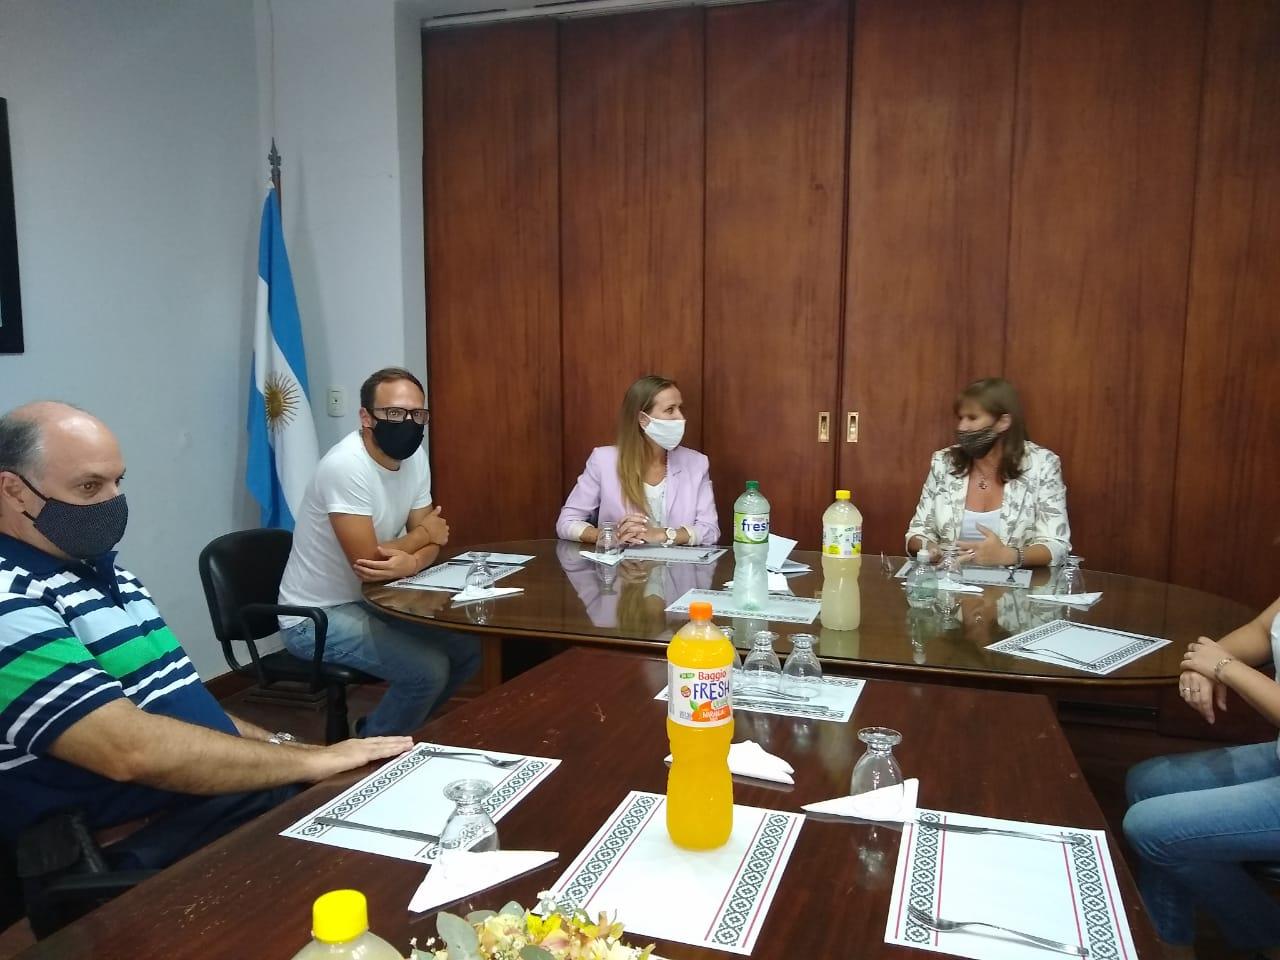 La Codegu conversó con la diputada Mayda Cresto sobre proyectos de saneamiento